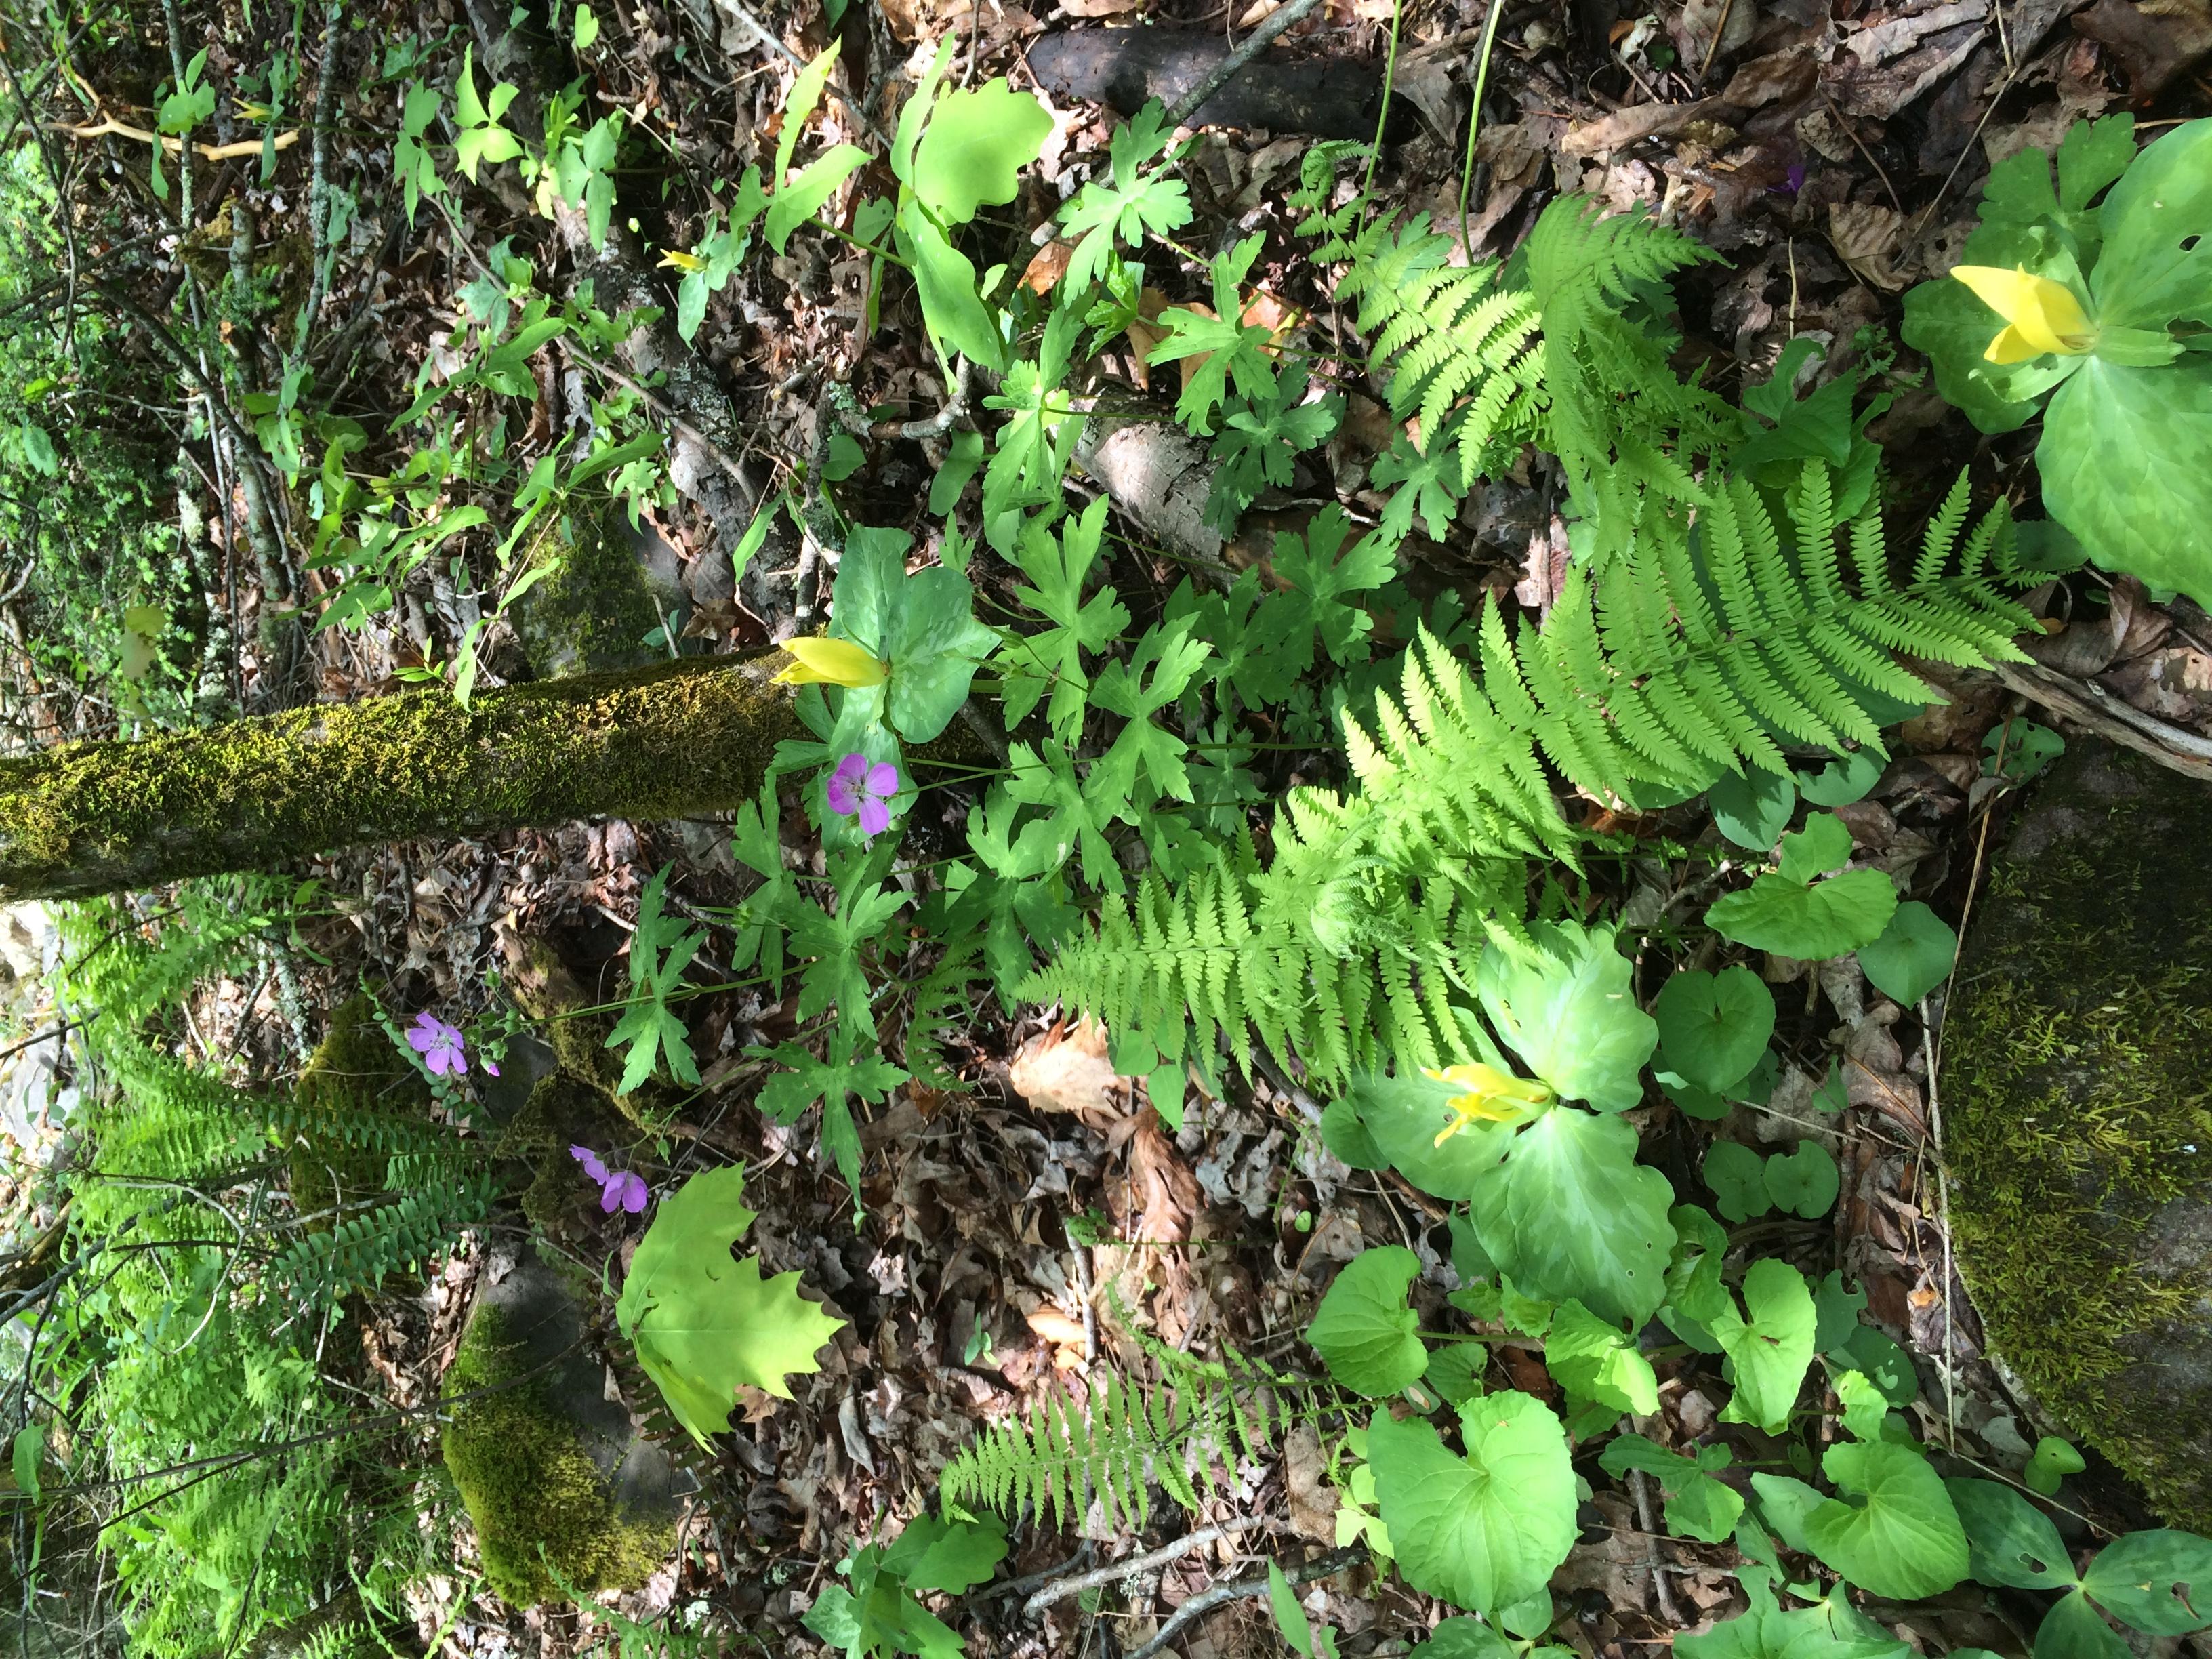 Geranium, fern, and trillium